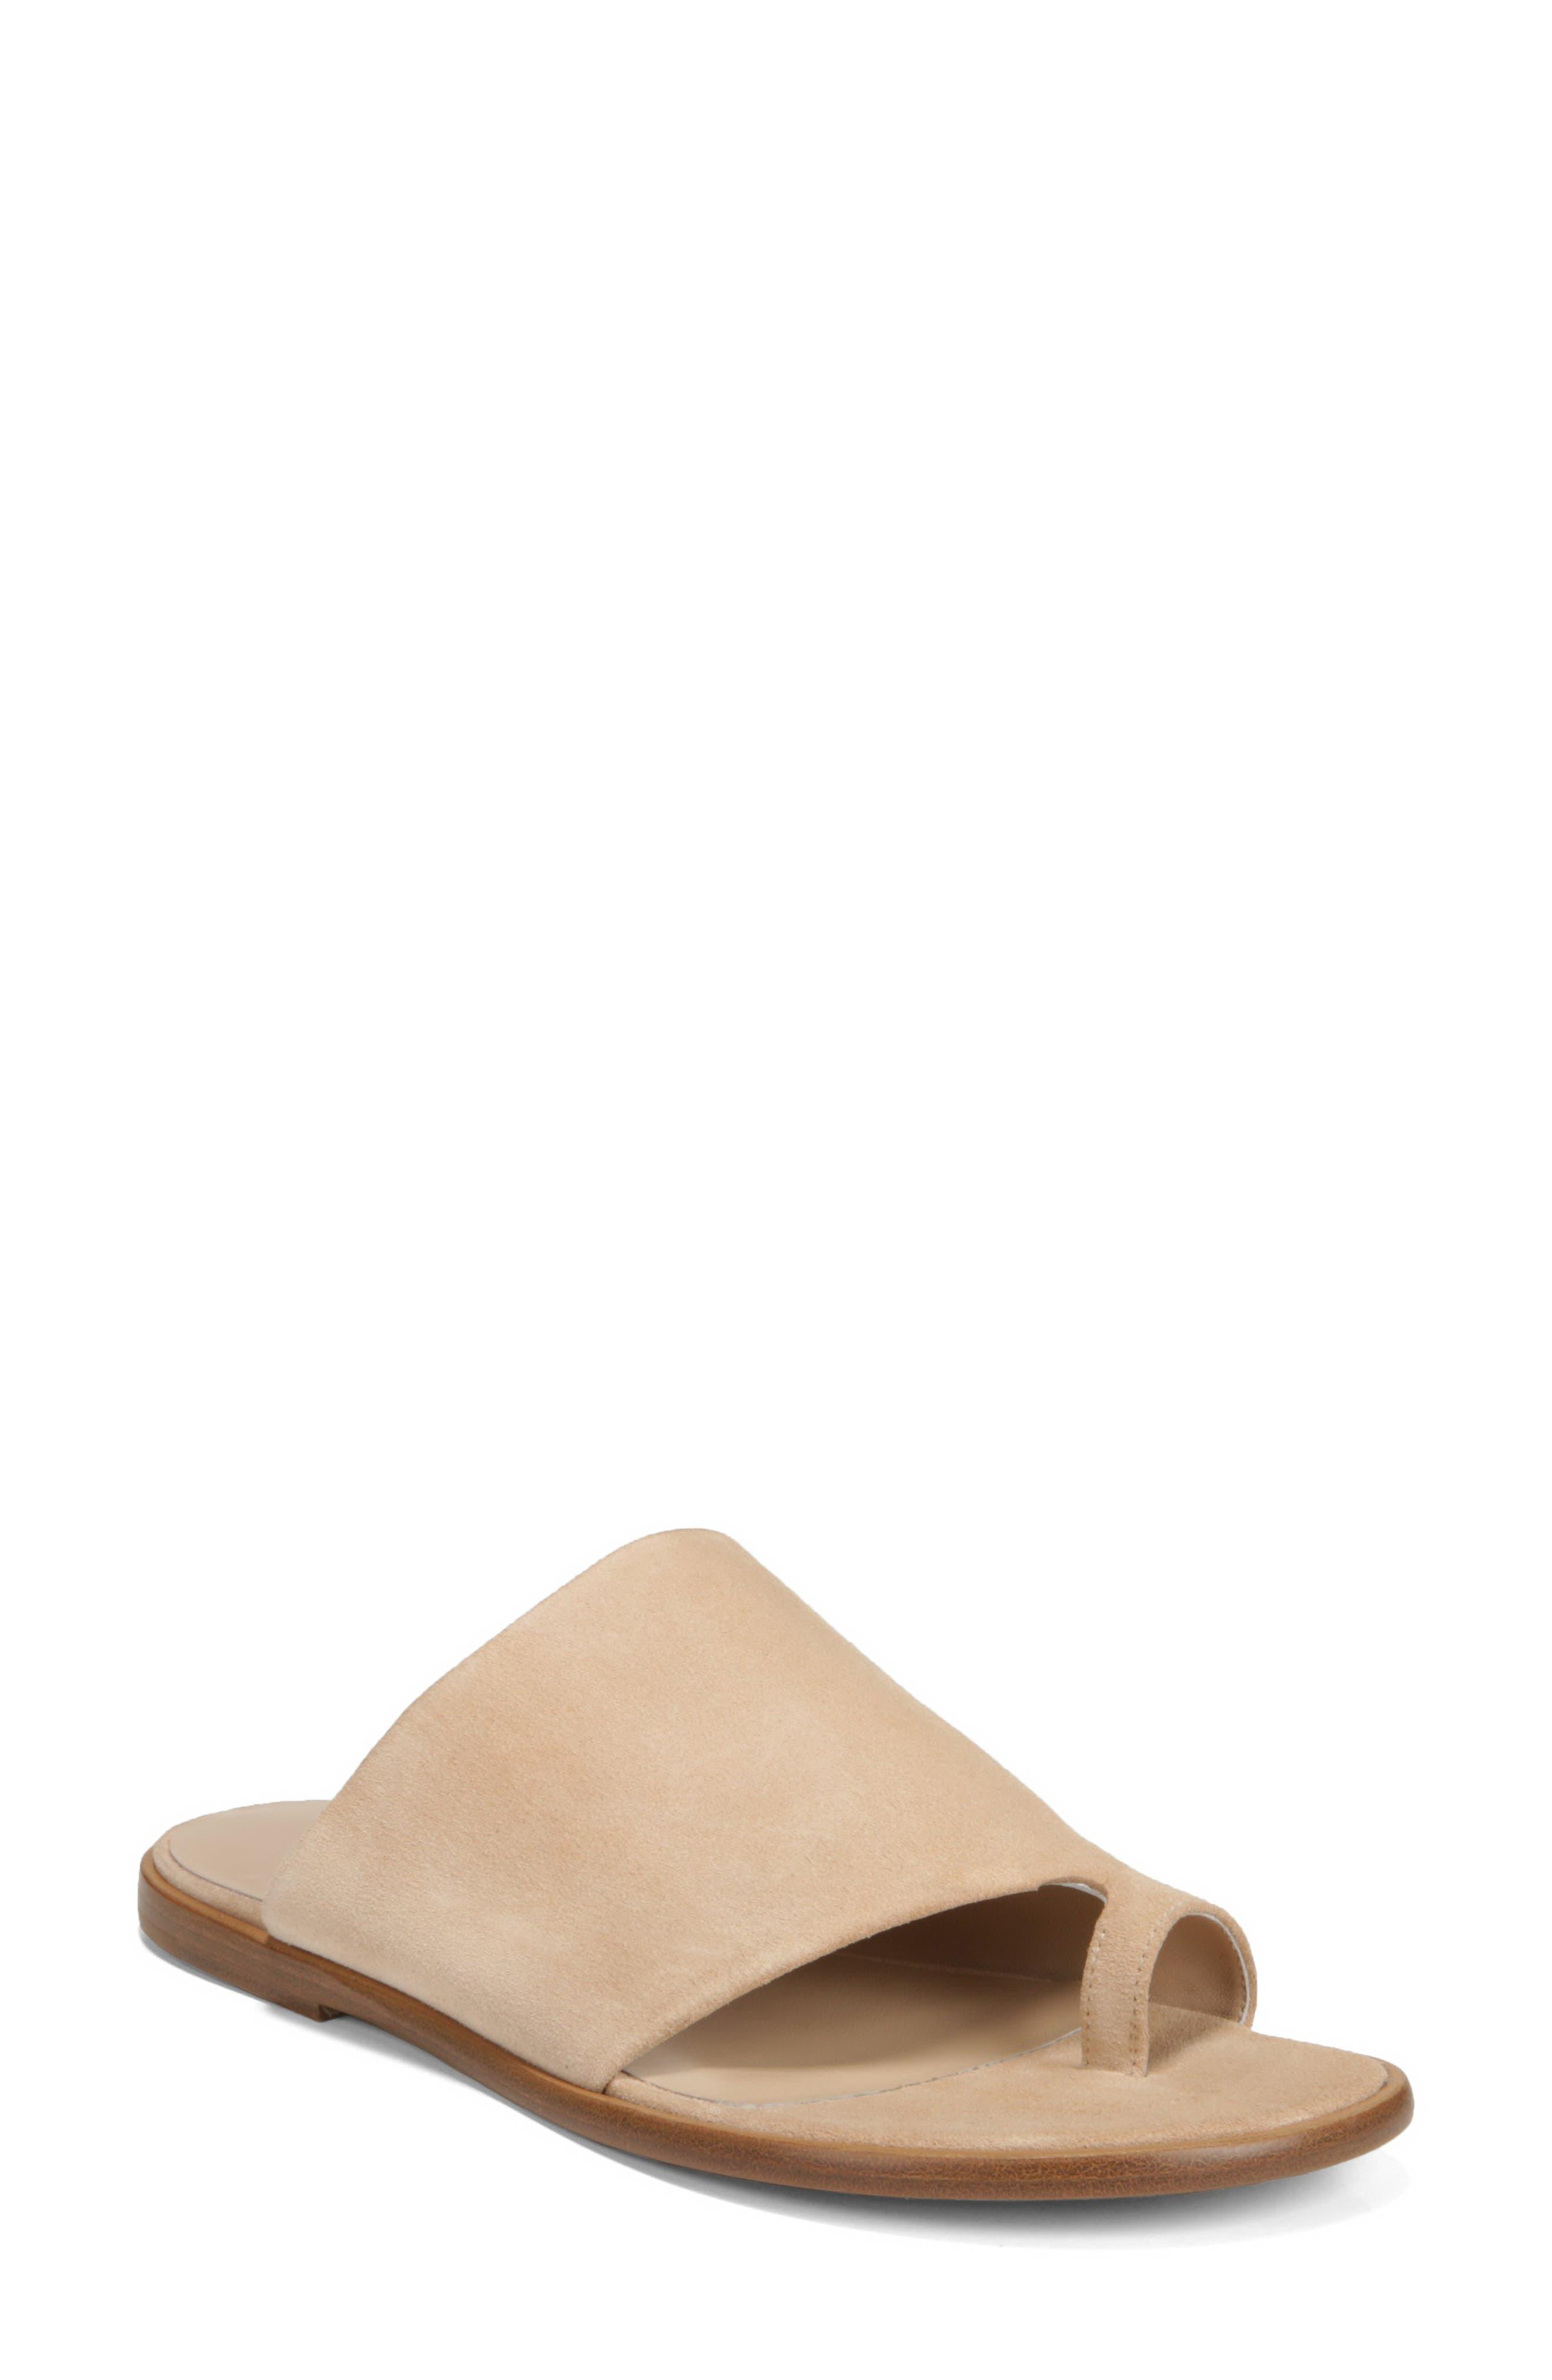 Edris Toe Loop Sandal,                         Main,                         color, SAND